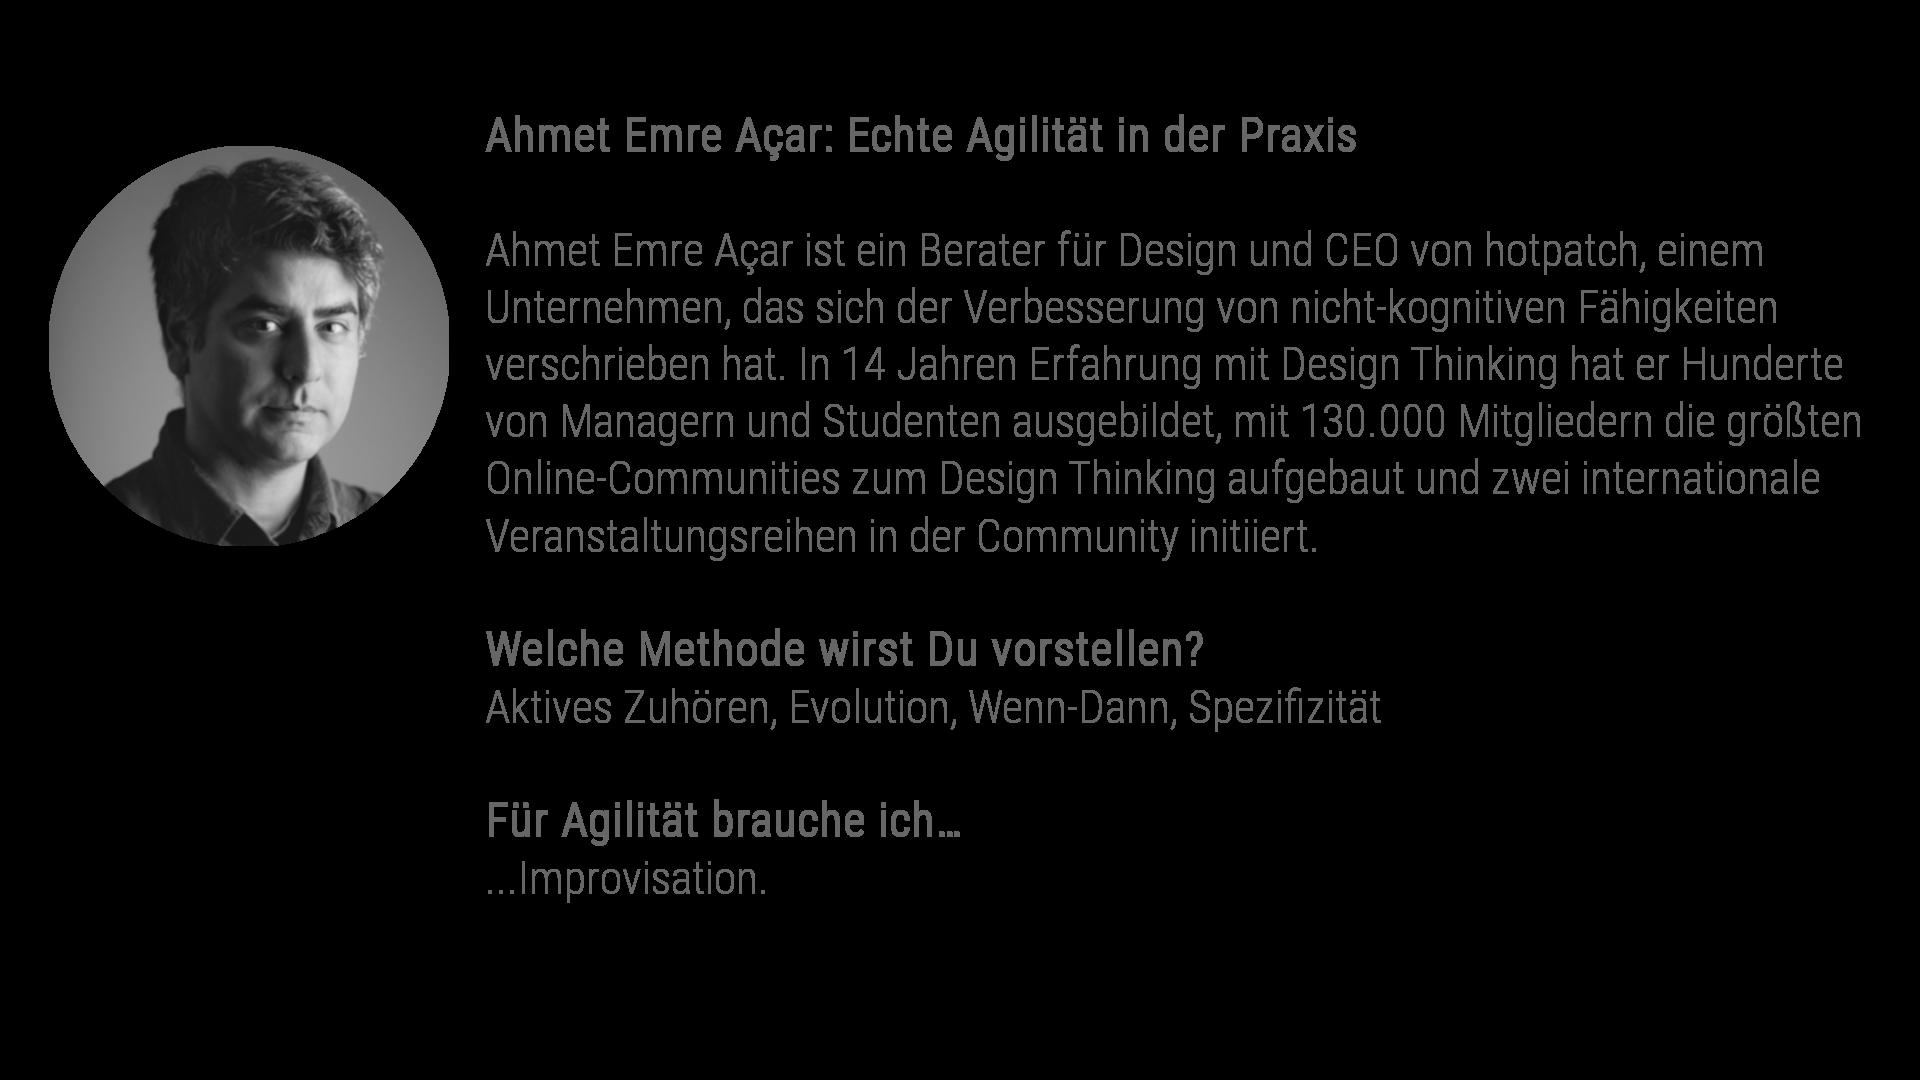 Ahmet Emre Açar: Echte Agilität in der Praxis Ahmet Emre Açar ist ein Berater für Design und CEO von hotpatch, einem Unternehmen, das sich der Verbesserung von nicht-kognitiven Fähigkeiten verschrieben hat. In 14 Jahren Erfahrung mit Design Thinking hat er Hunderte von Managern und Studenten ausgebildet, mit 130.000 Mitgliedern die größten Online-Communities zum Design Thinking aufgebaut und zwei internationale Veranstaltungsreihen in der Community initiiert. Welche Methode wirst Du vorstellen? Aktives Zuhören, Evolution, Wenn-Dann, Spezifizität Für Agilität brauche ich... Improvisation.